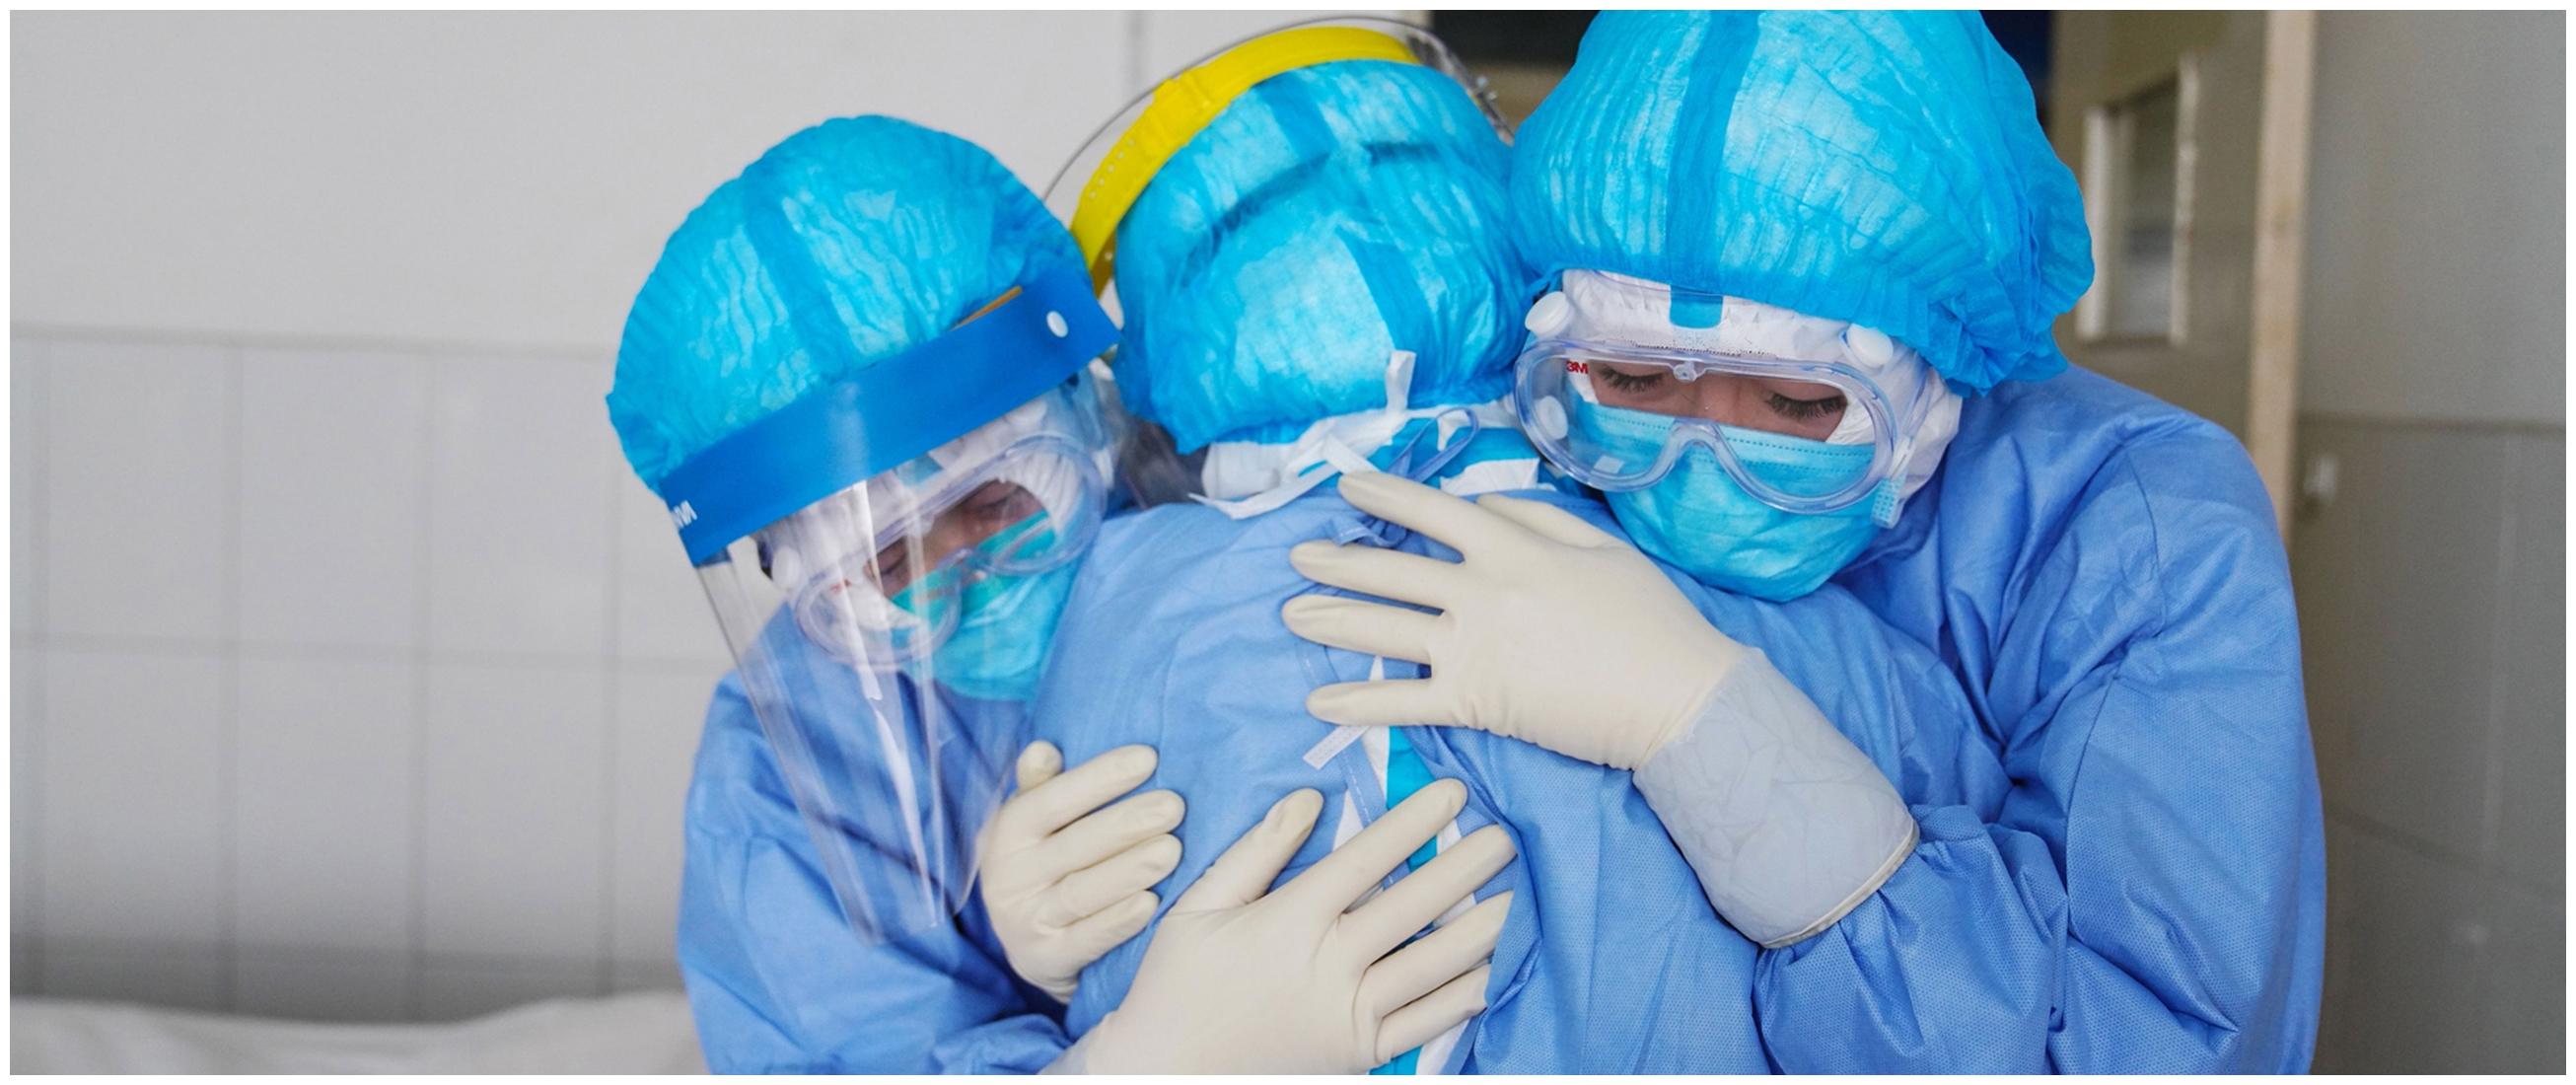 6 Orang ini berisiko tinggi jika terinfeksi virus corona